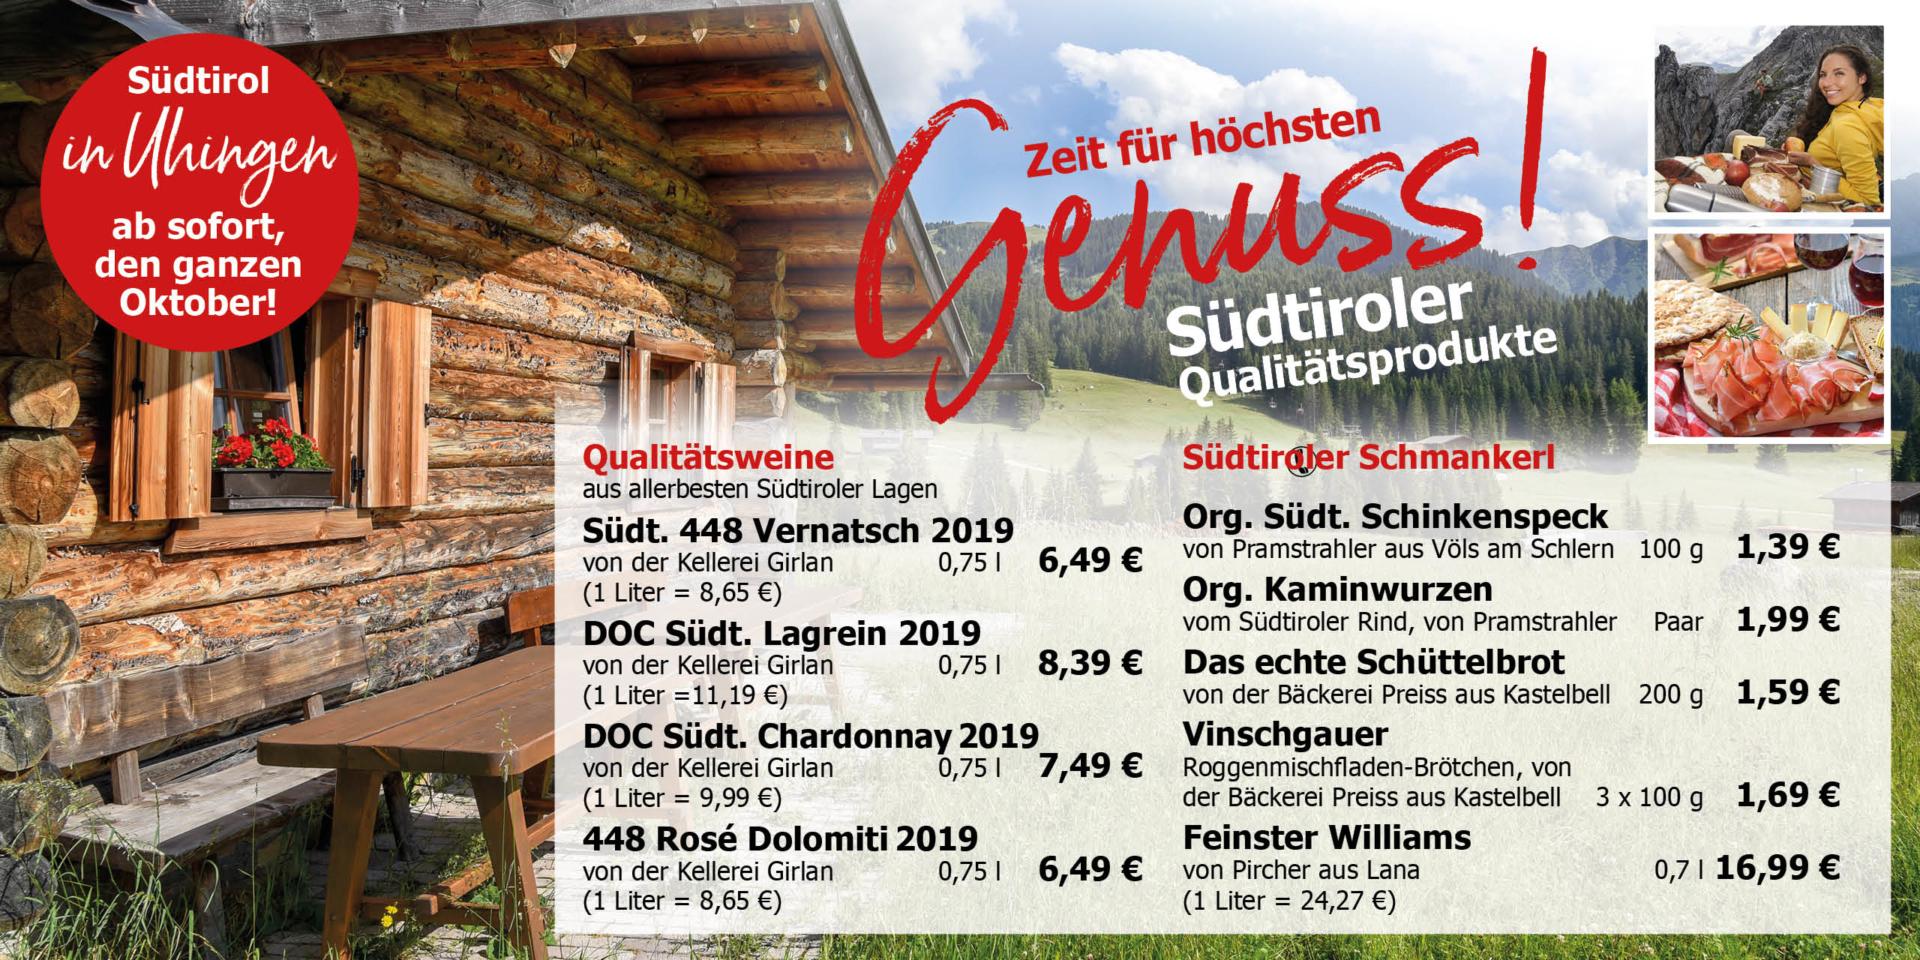 Slider 04 Desktop Südtirol in Uhingen